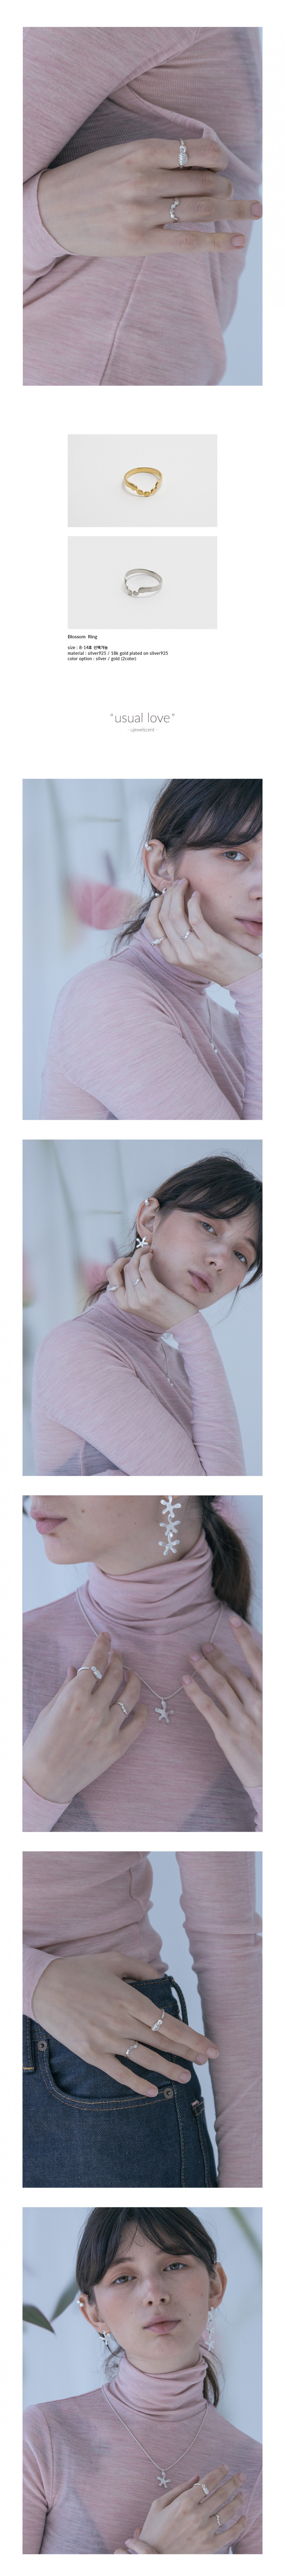 유주얼센트(UJEWELSCENT) Blossom ring